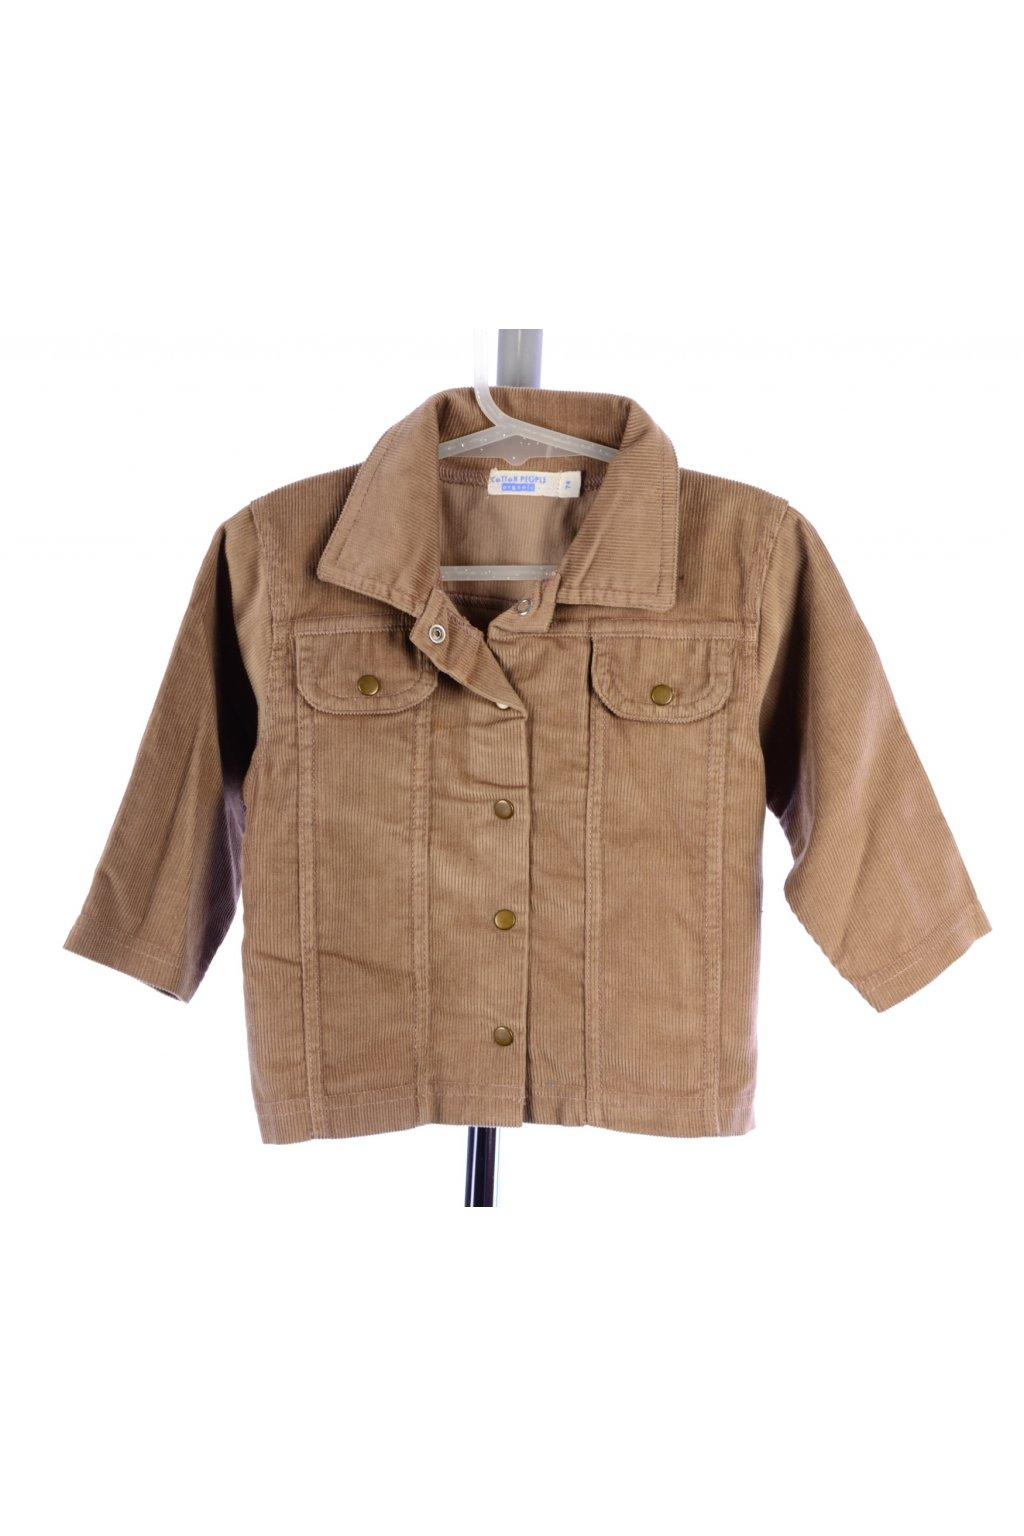 Košile manšestrová hnědá Cotton People vel. 74